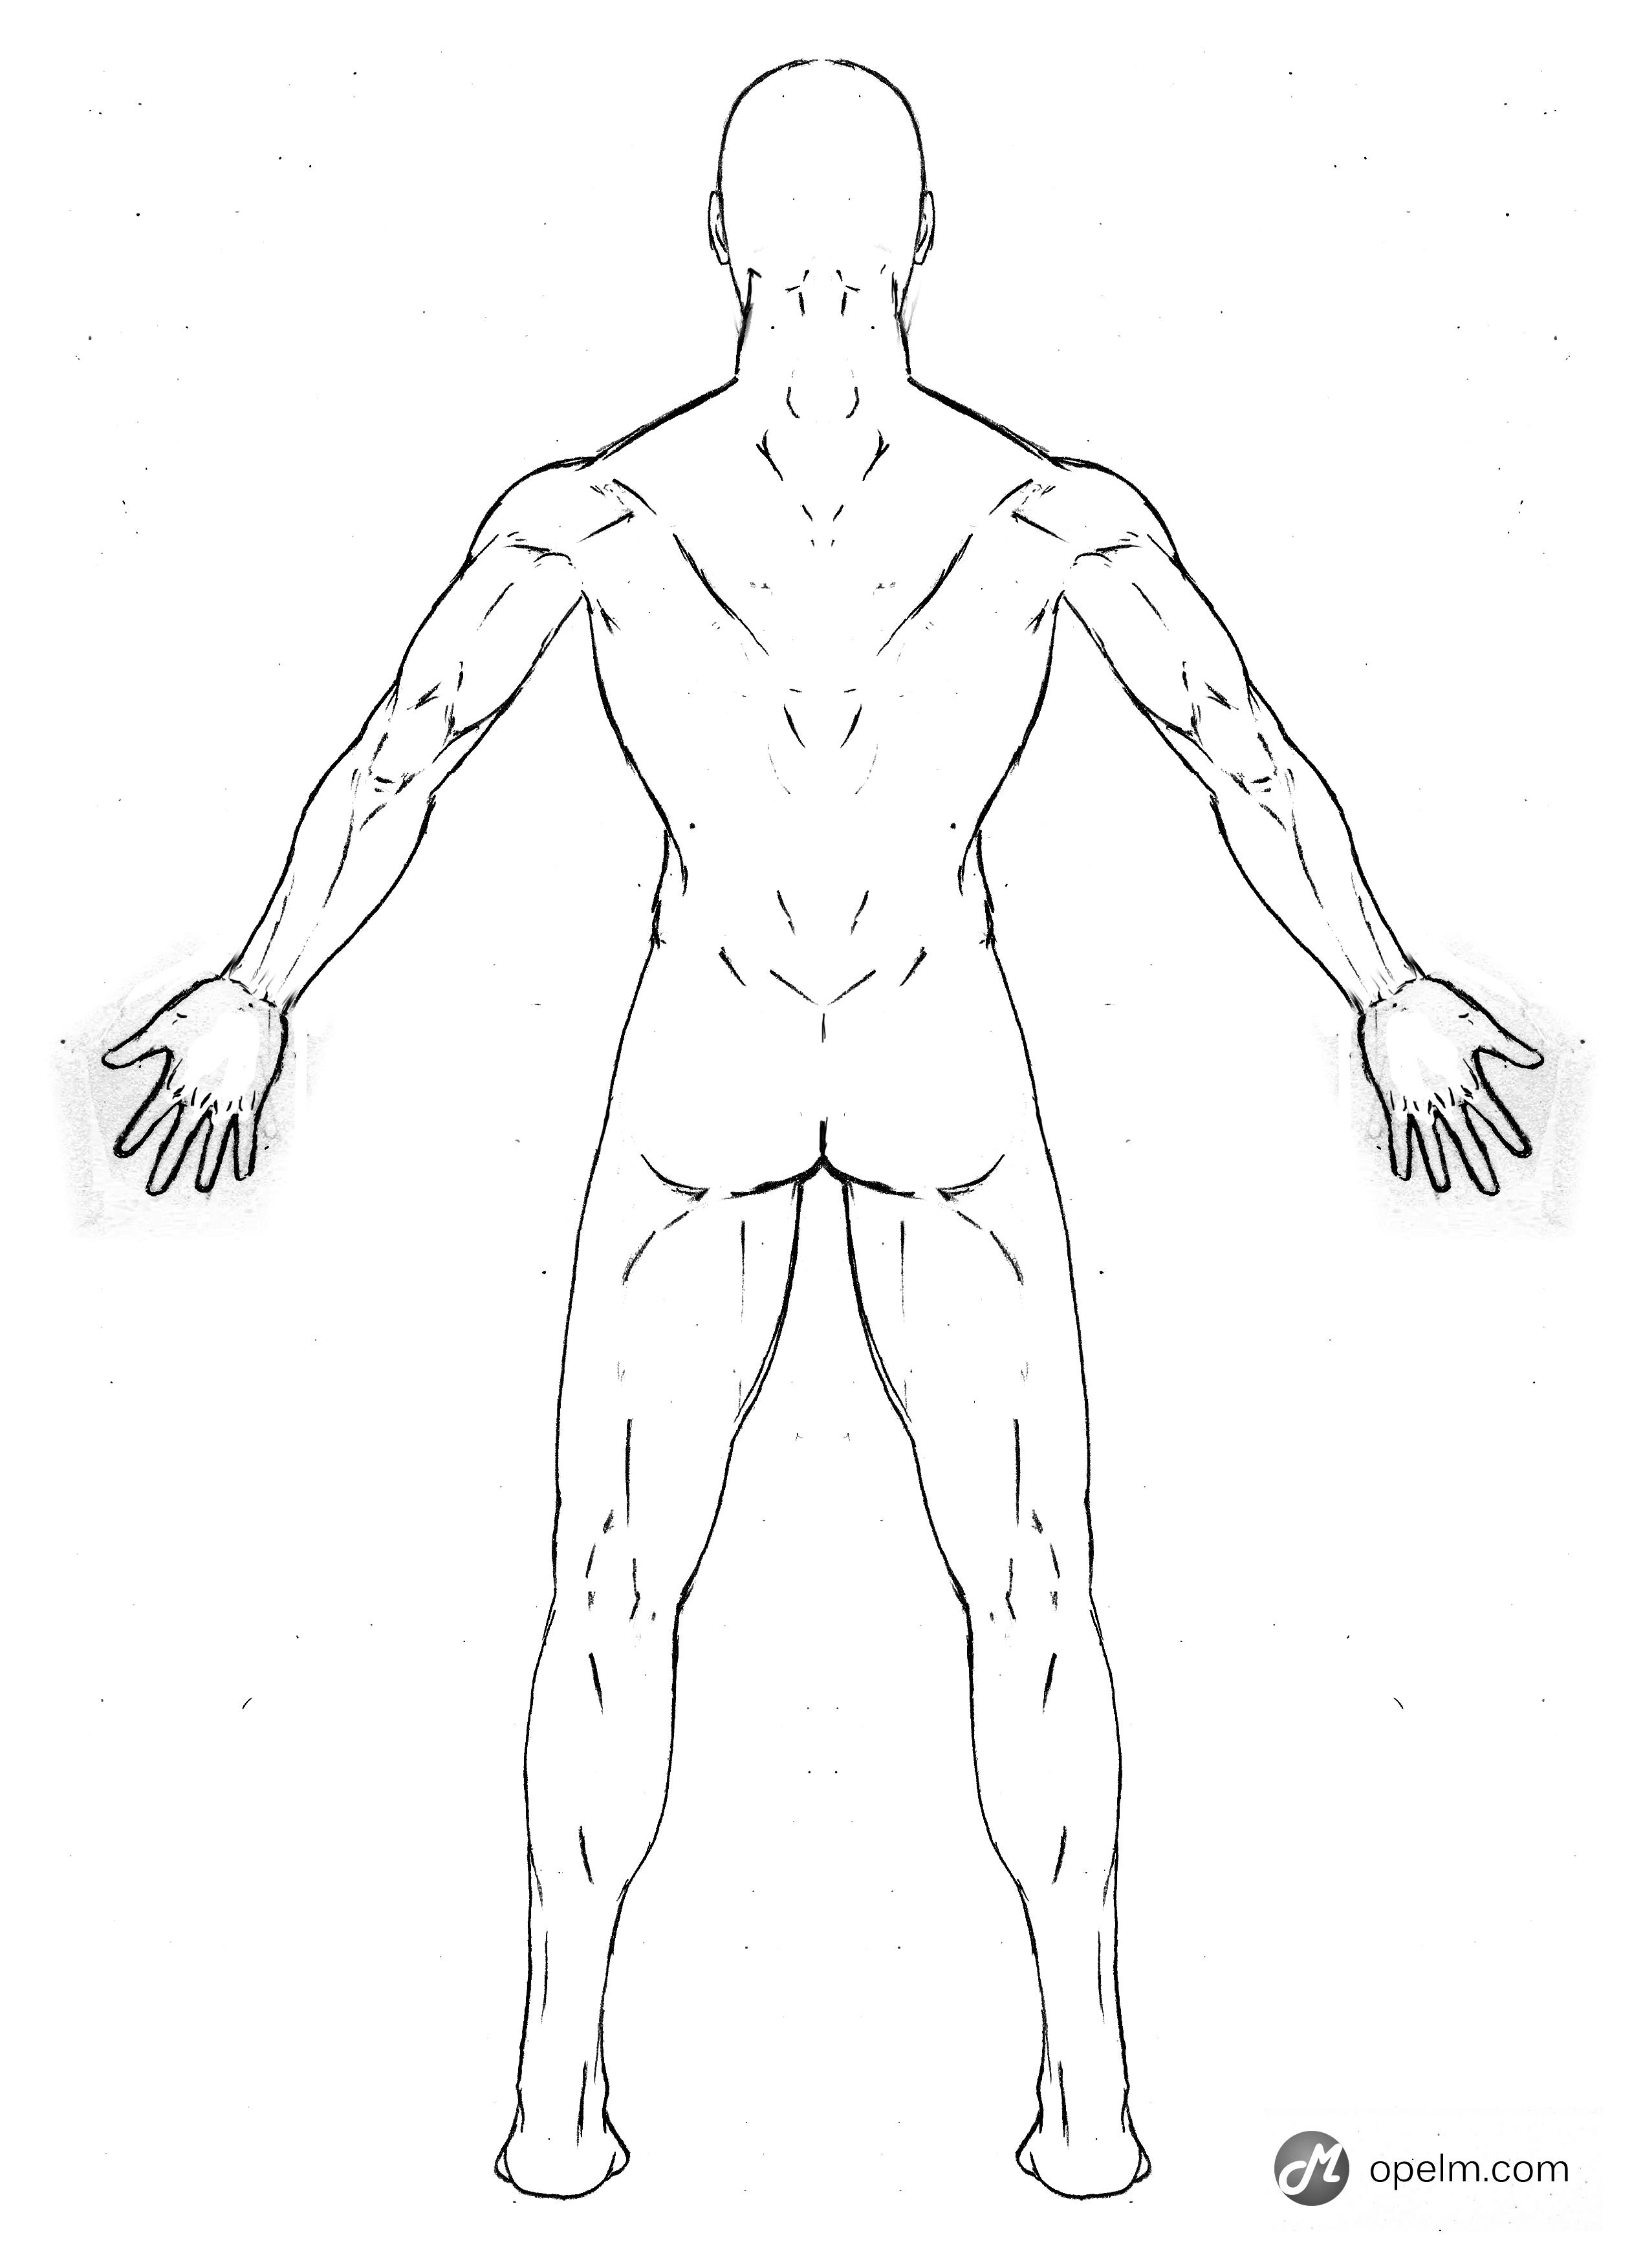 Human Back Drawing At Getdrawings